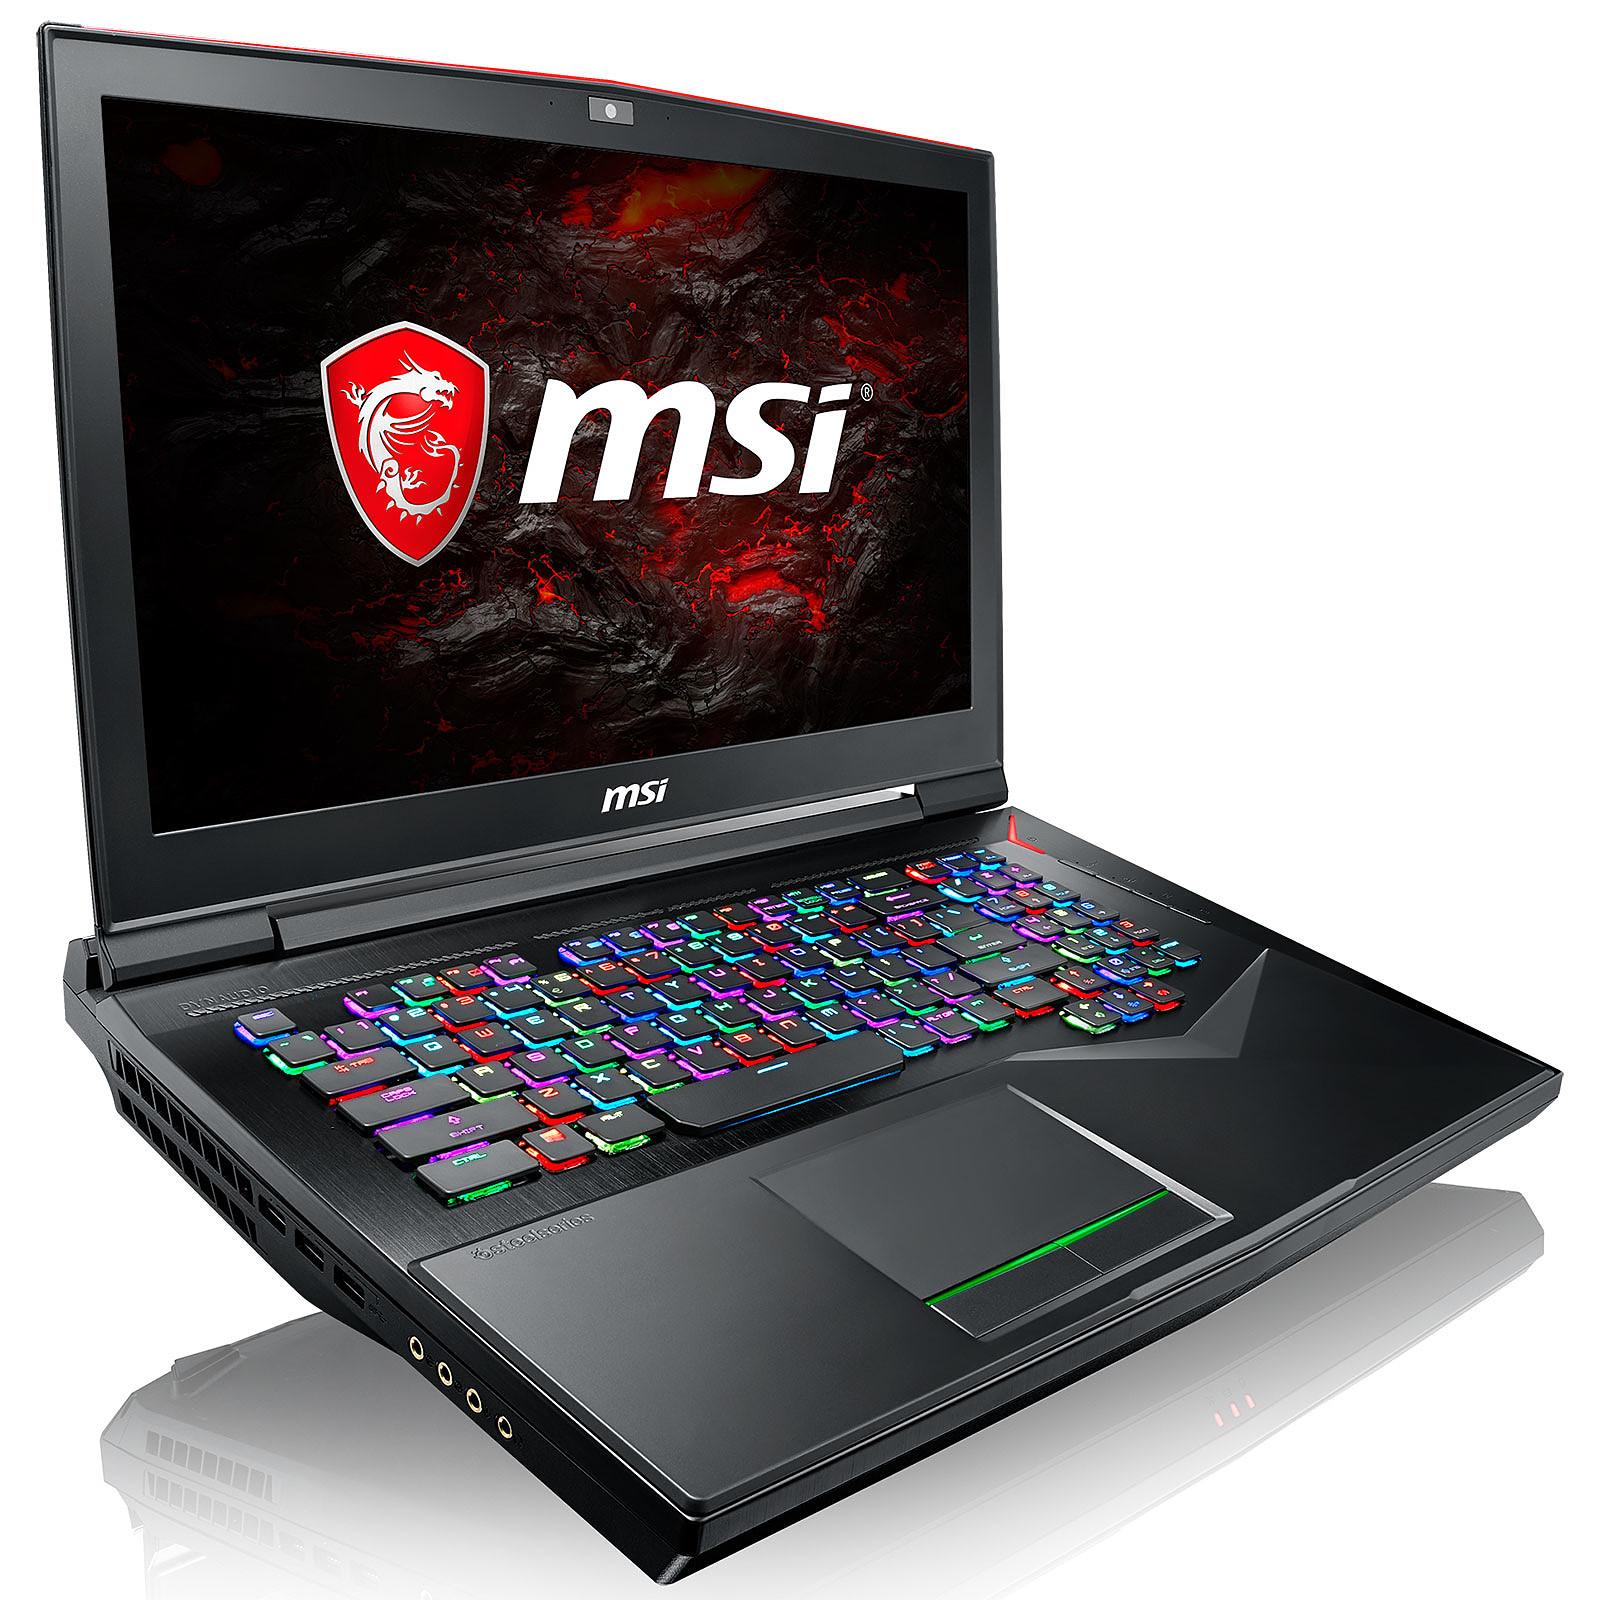 MSI GT75VR 7RF-062FR Titan Pro 4K